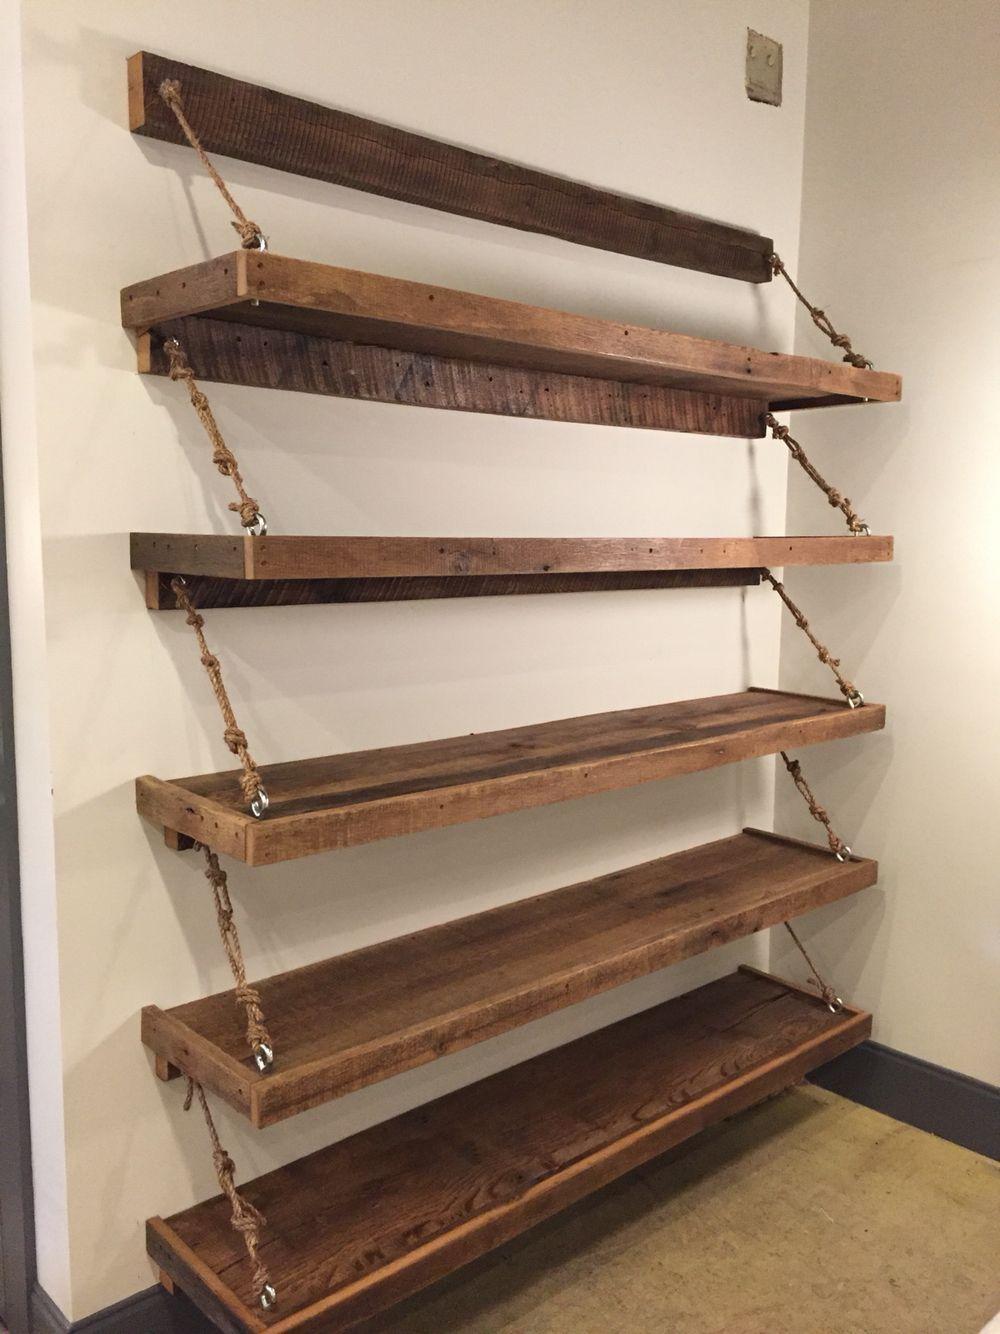 Reclaimed Wood Rope Shelves For The Home Pinterest